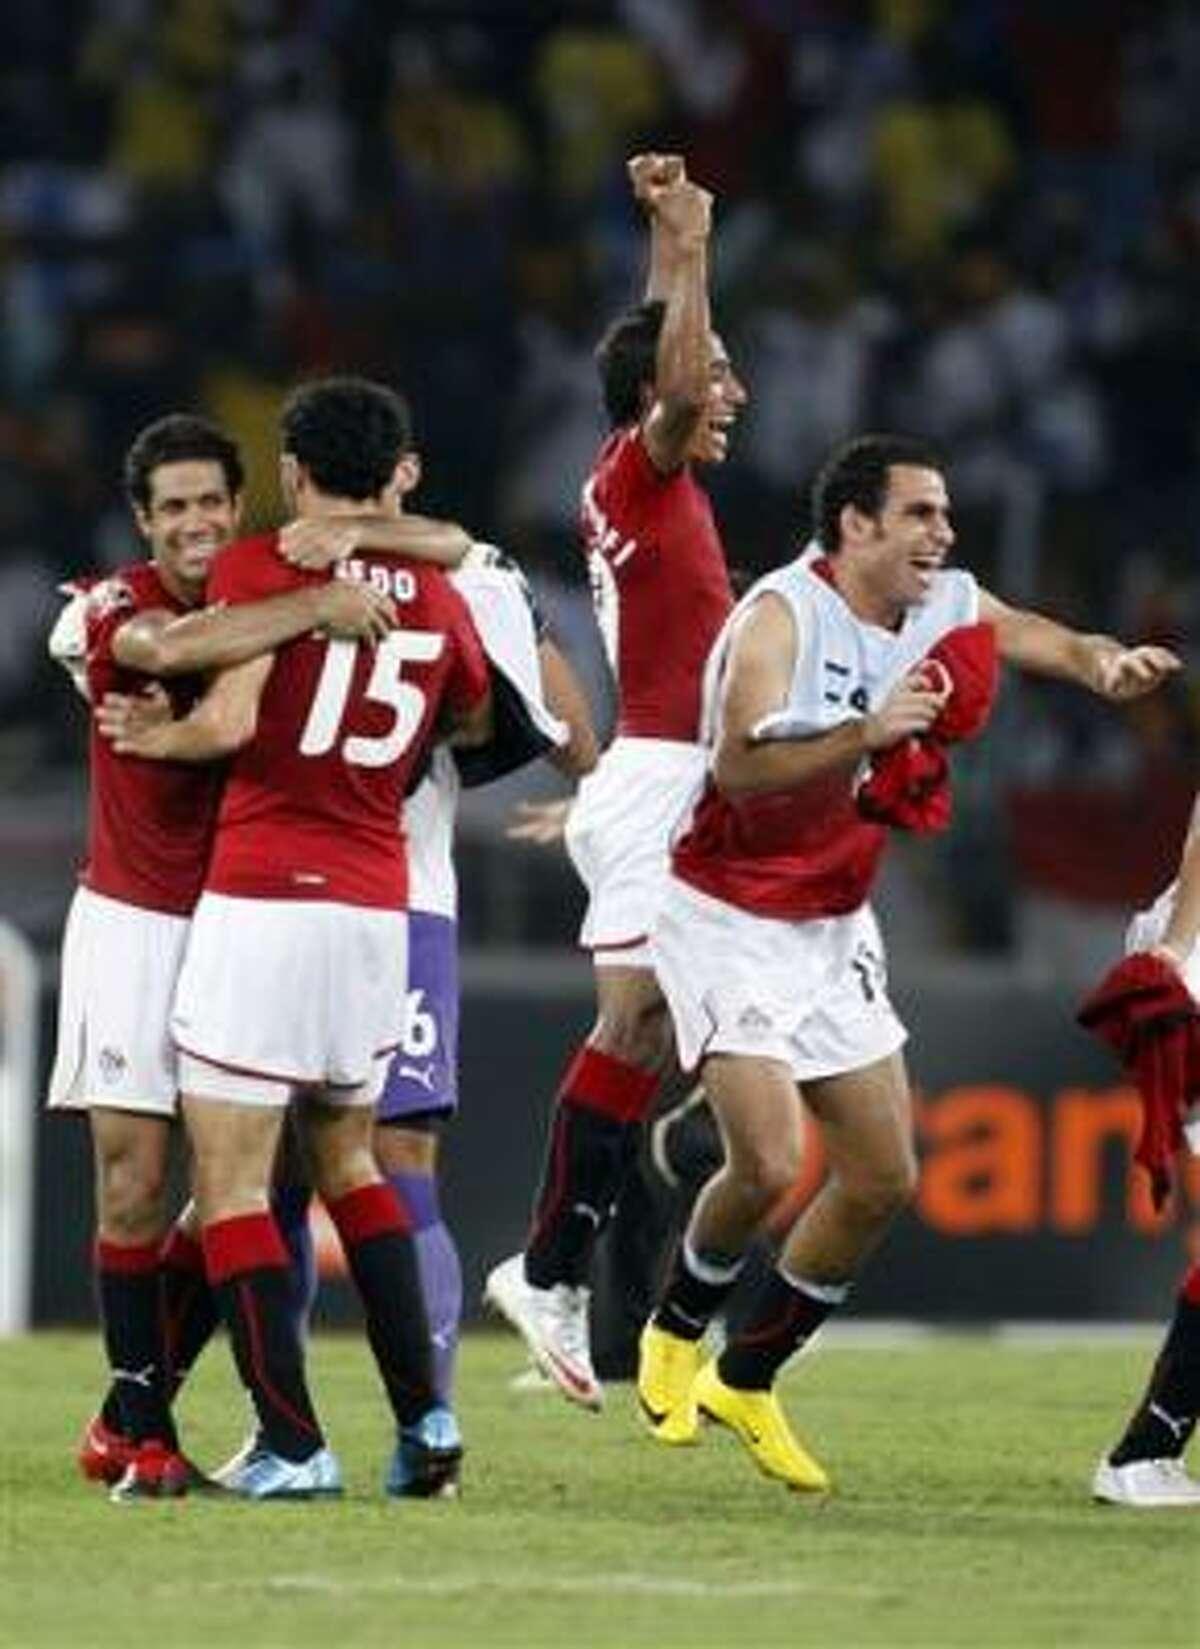 Los jugadores de Egipto celebran tras vencer a Ghana en la final de la Copa de Africa, el domingo 31 de enero de 2010.